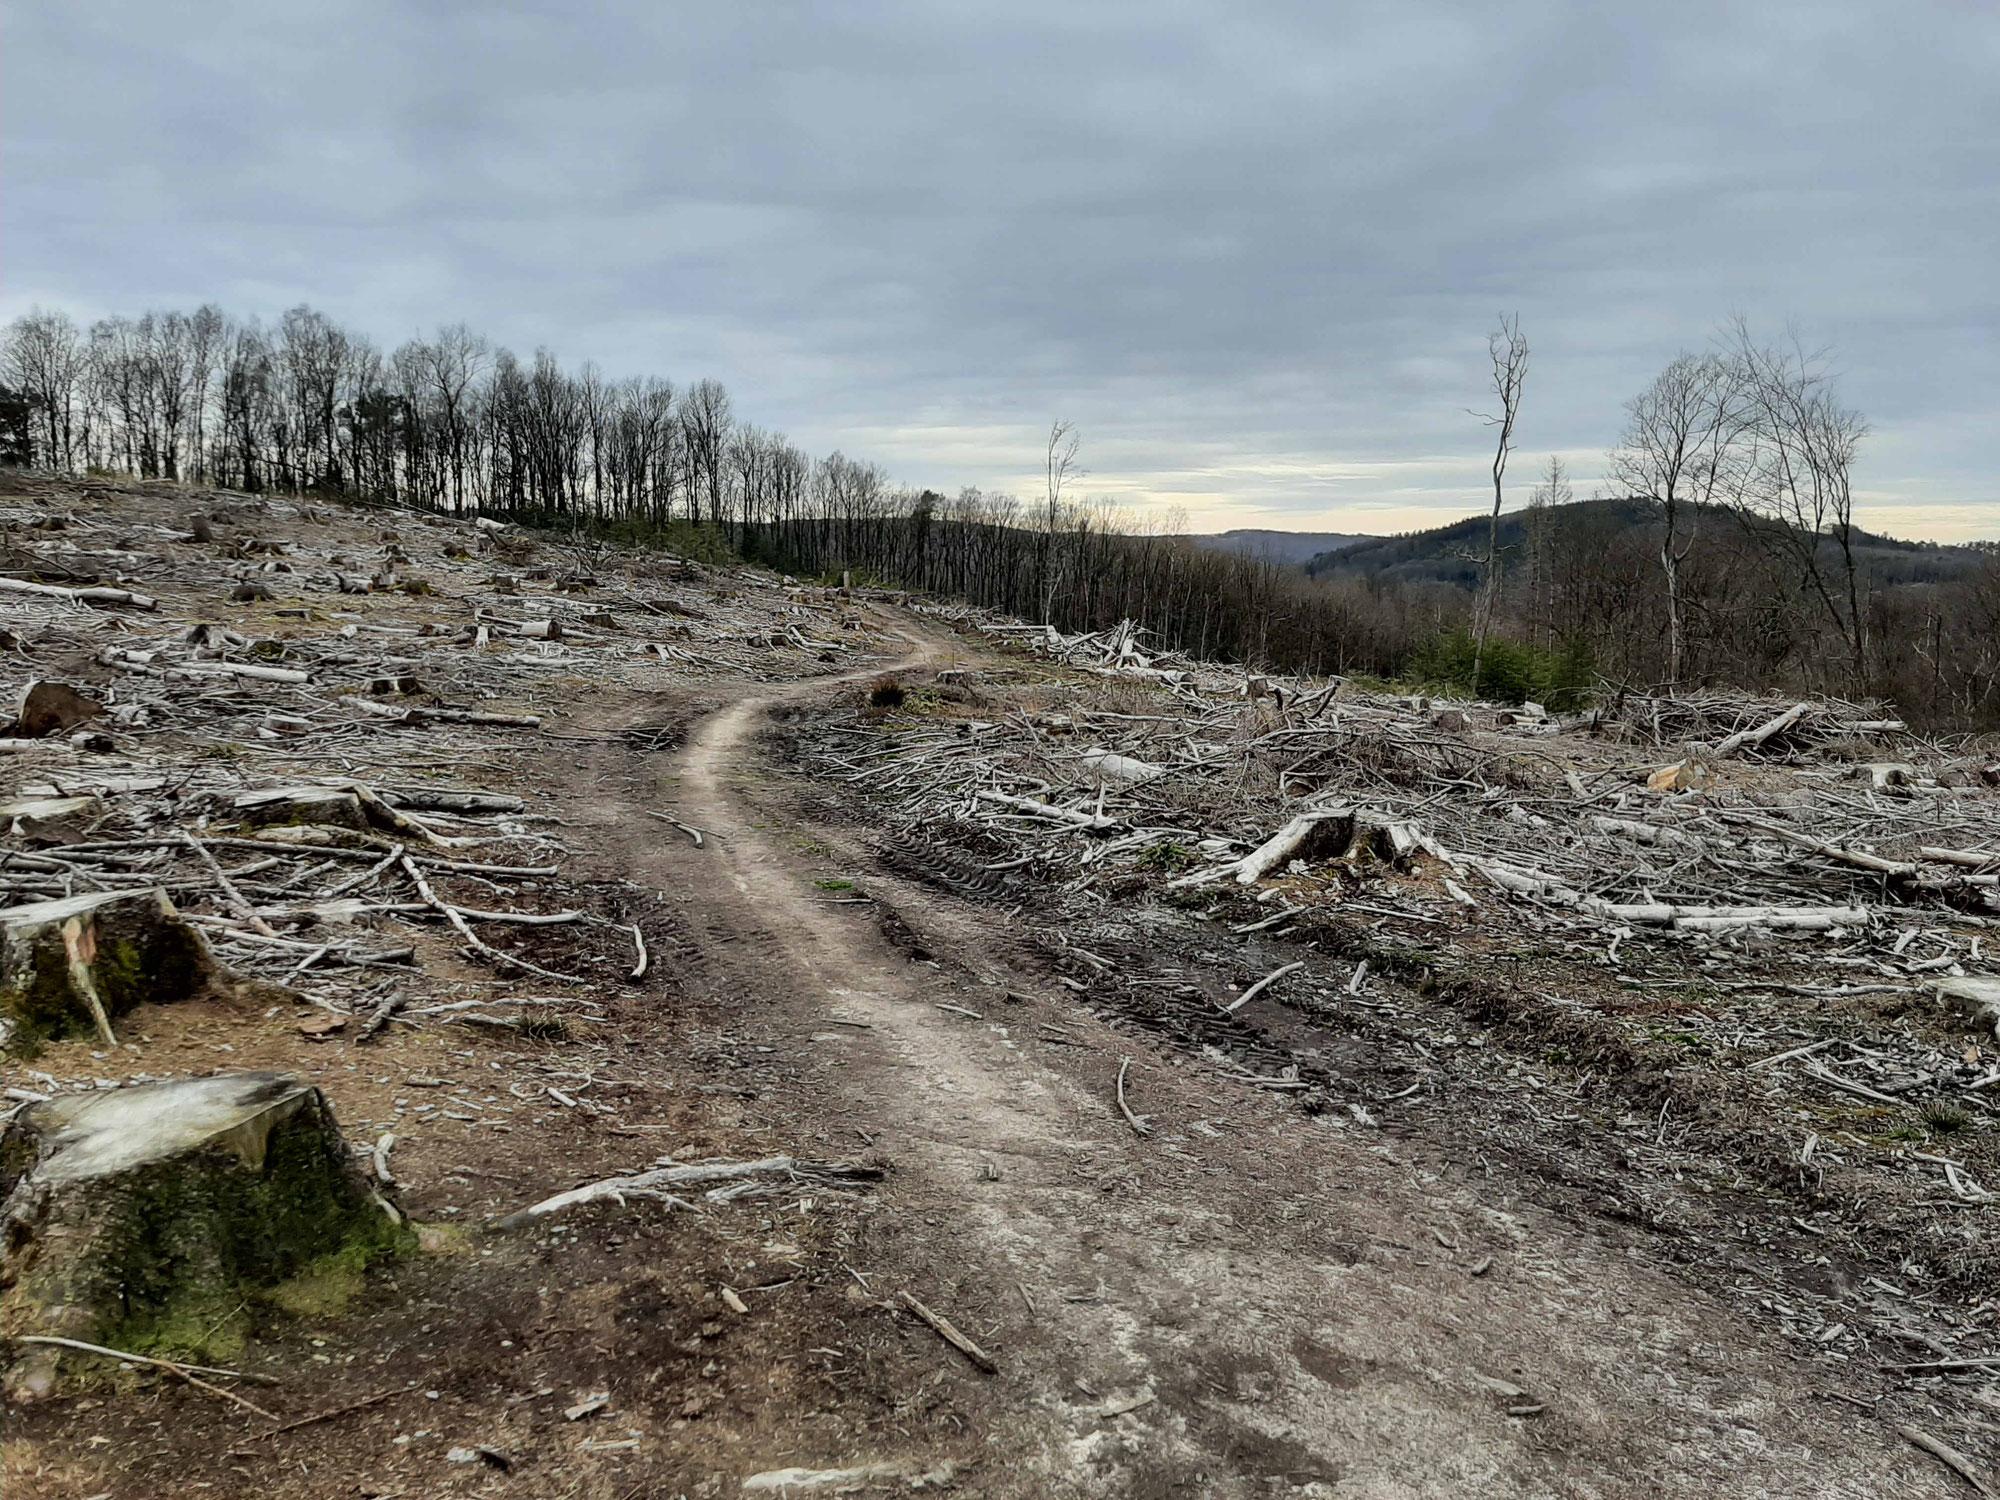 """NRW Engelskirchen: Neubaugebiet statt Wald? Der """"Flächenfraßparagraf"""" der Bundesregierung hat böse Folgen"""